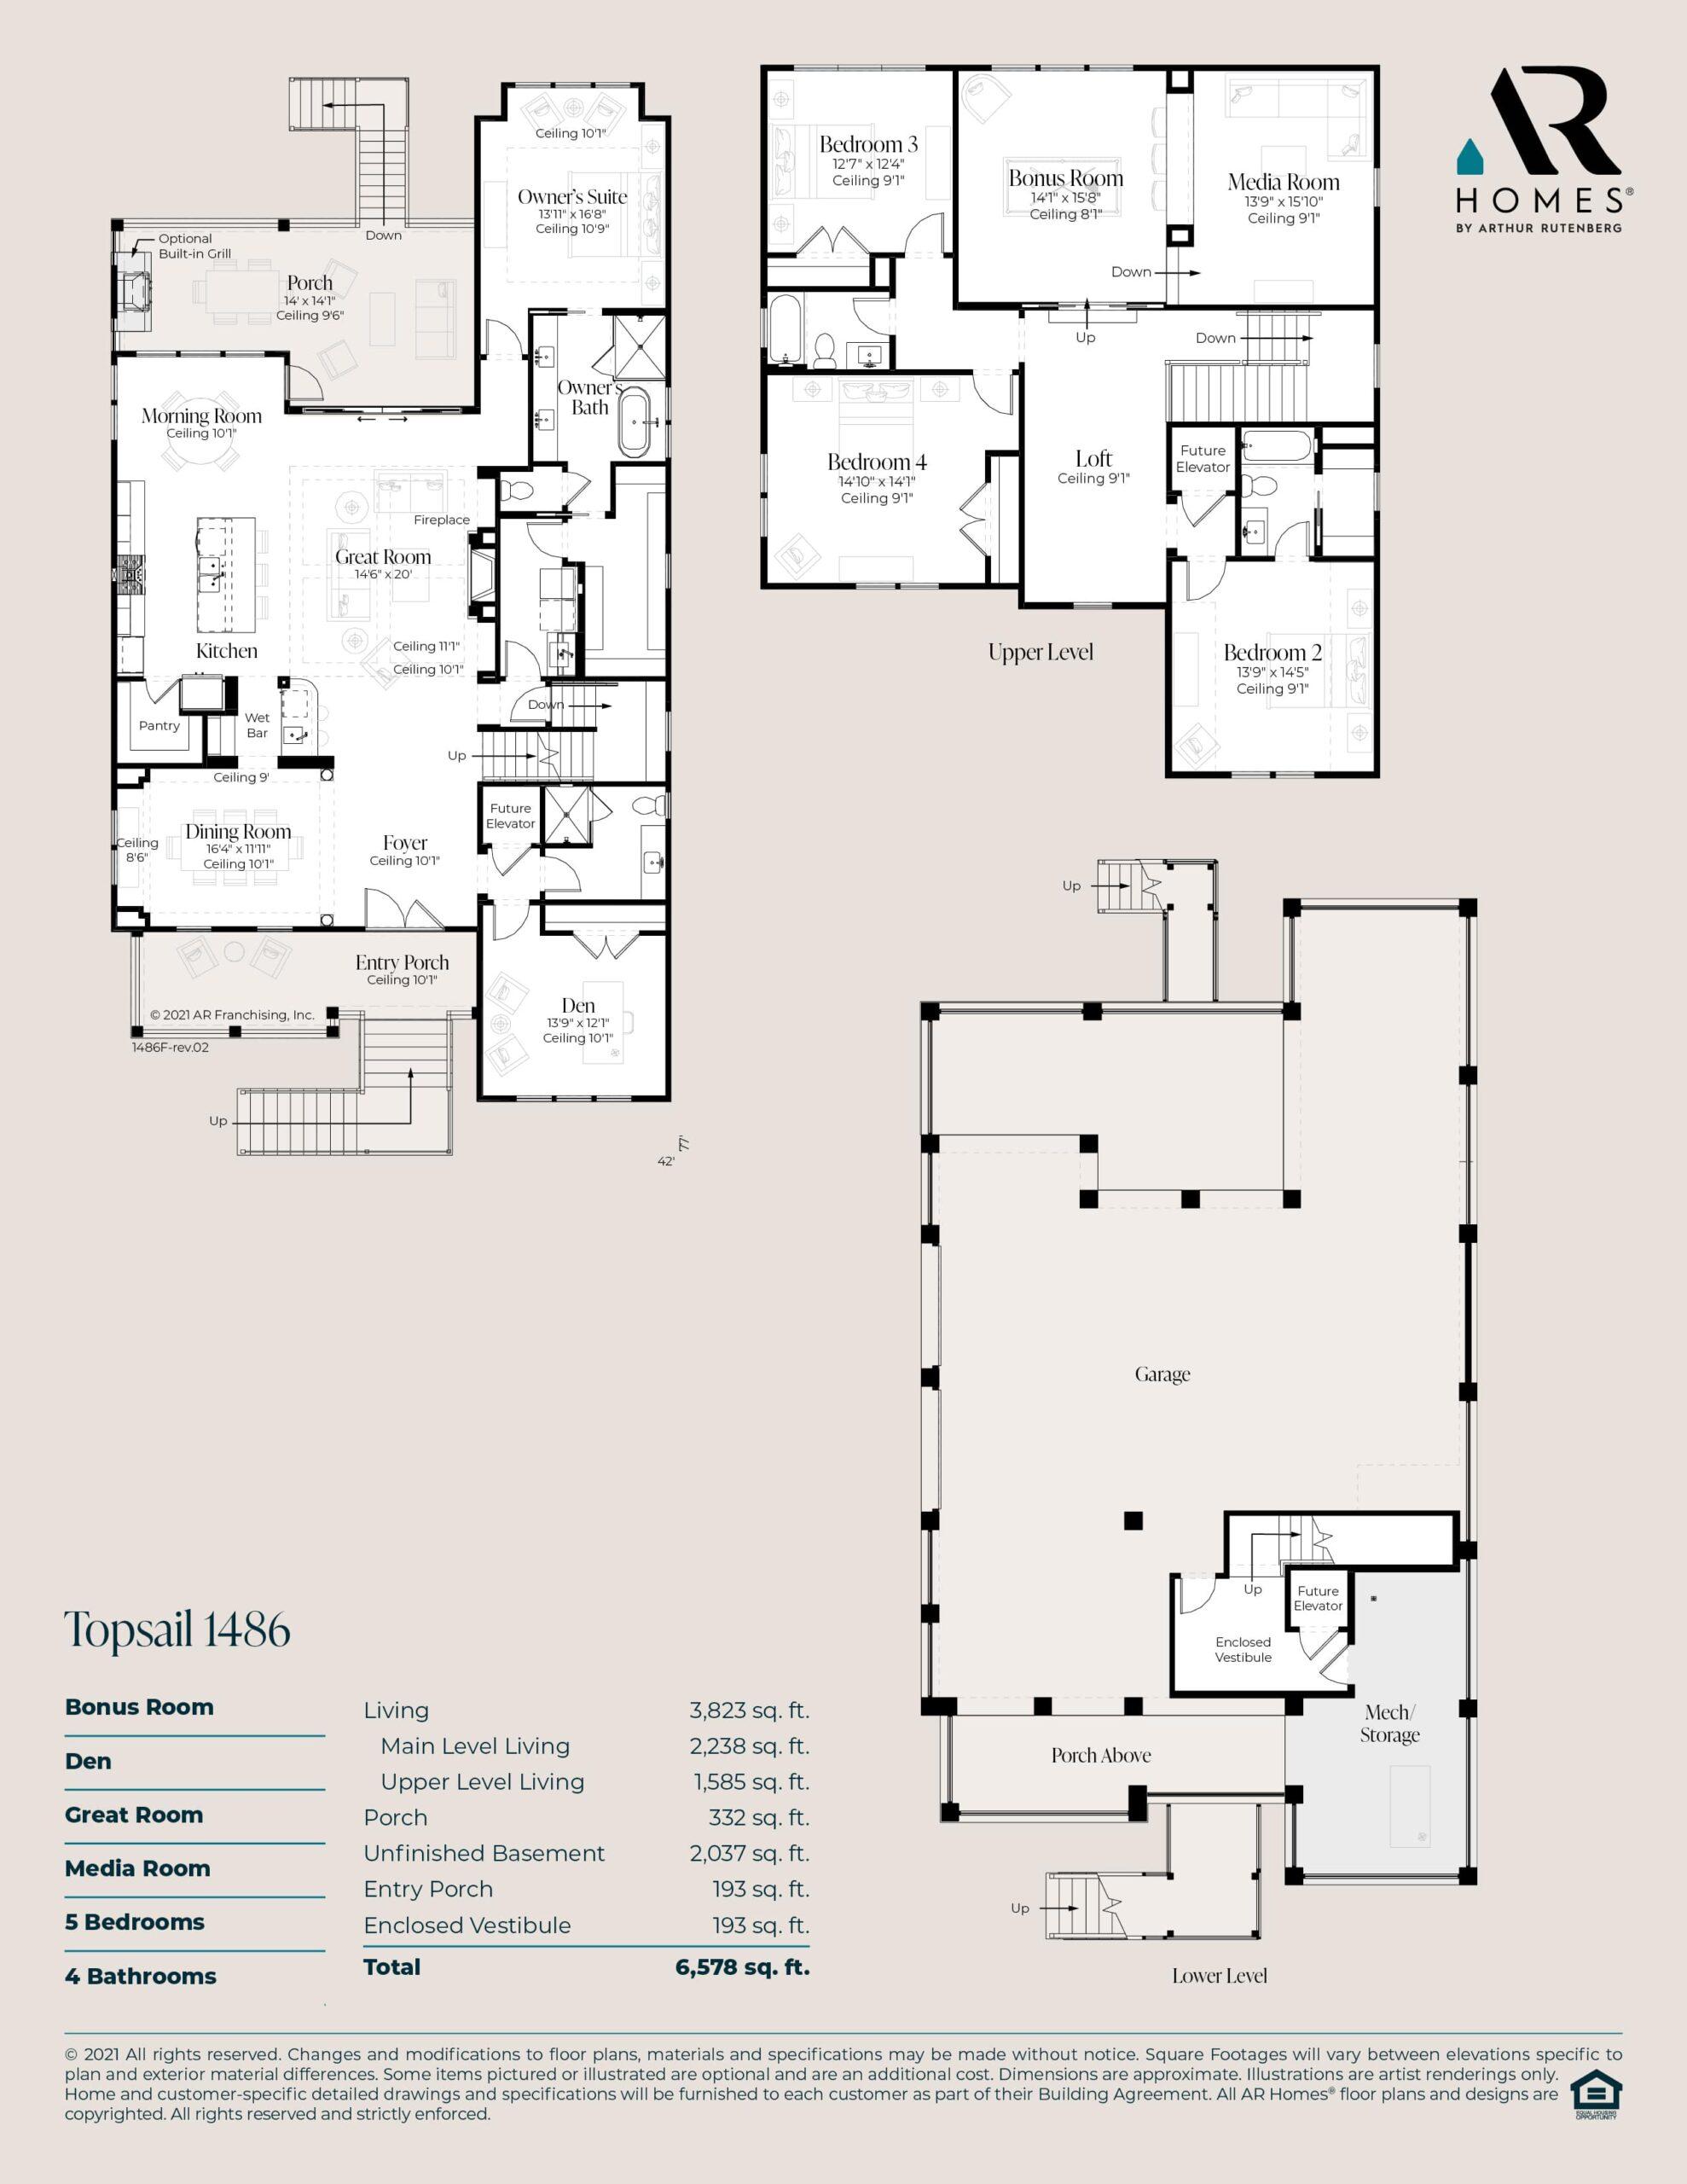 Topsail 1486 Floor Plan